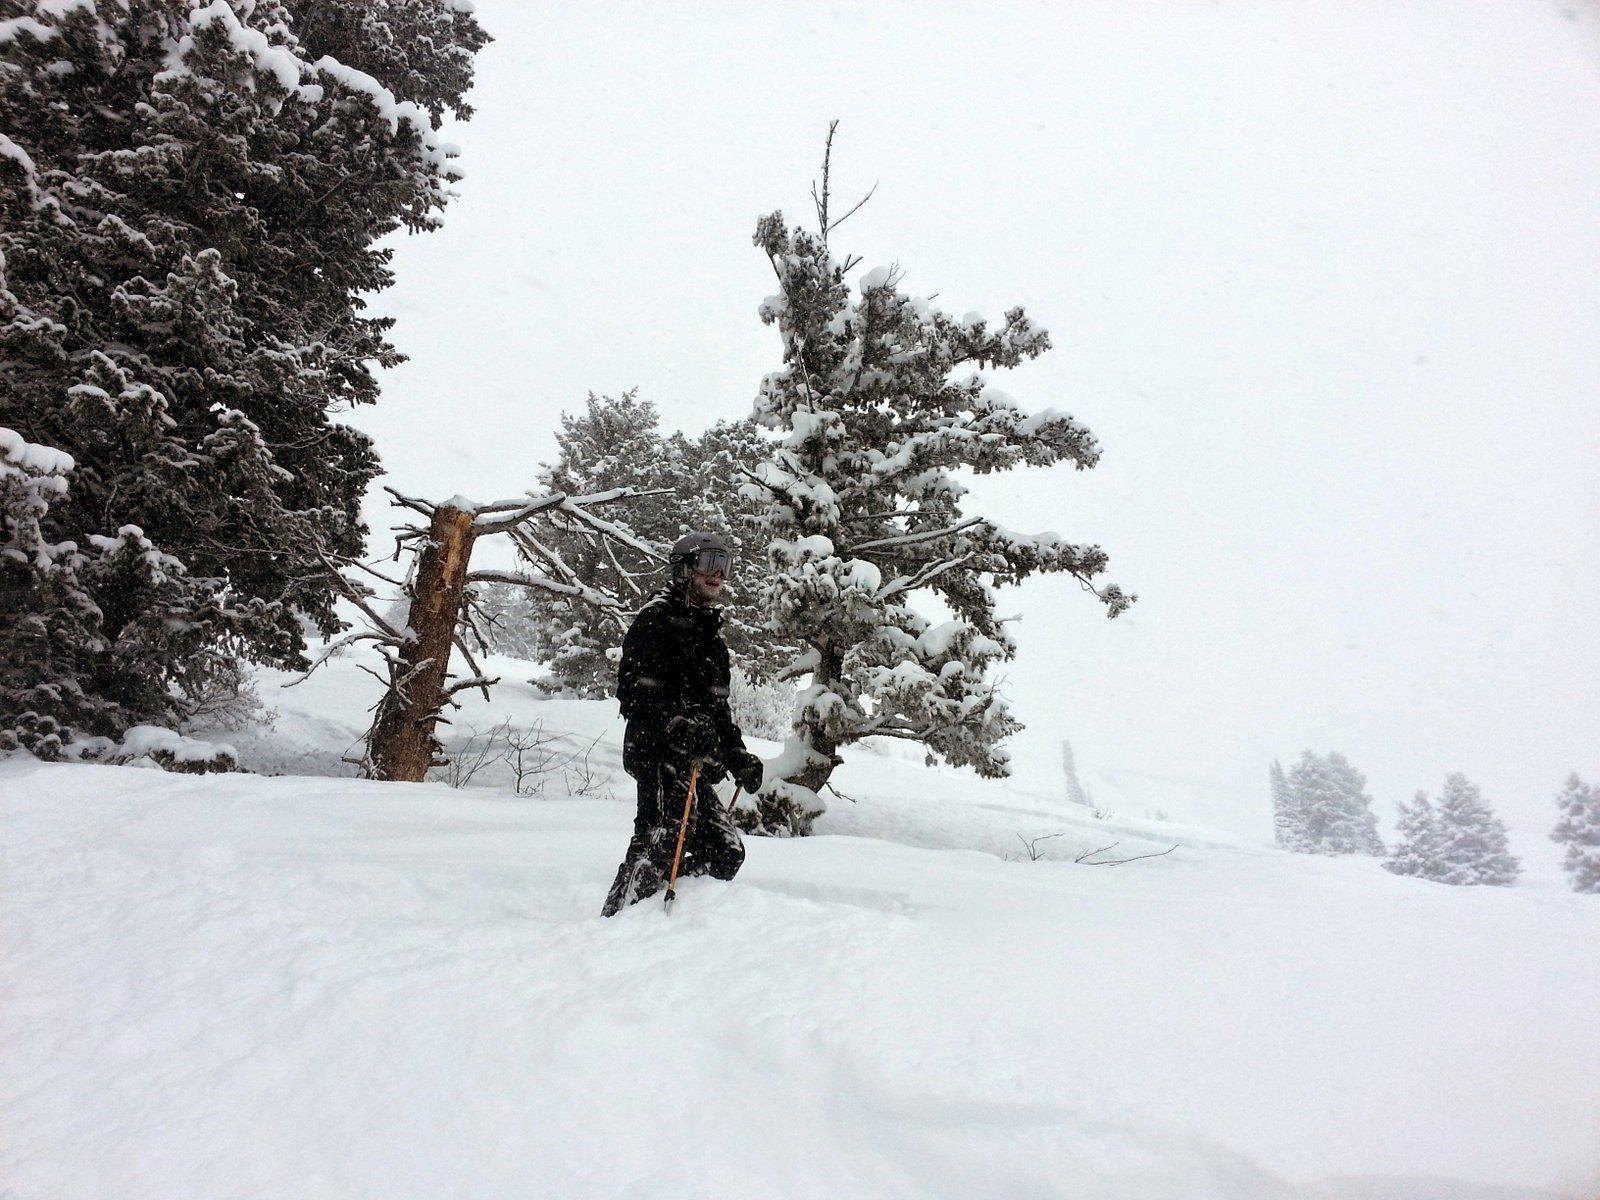 Sam in the snow